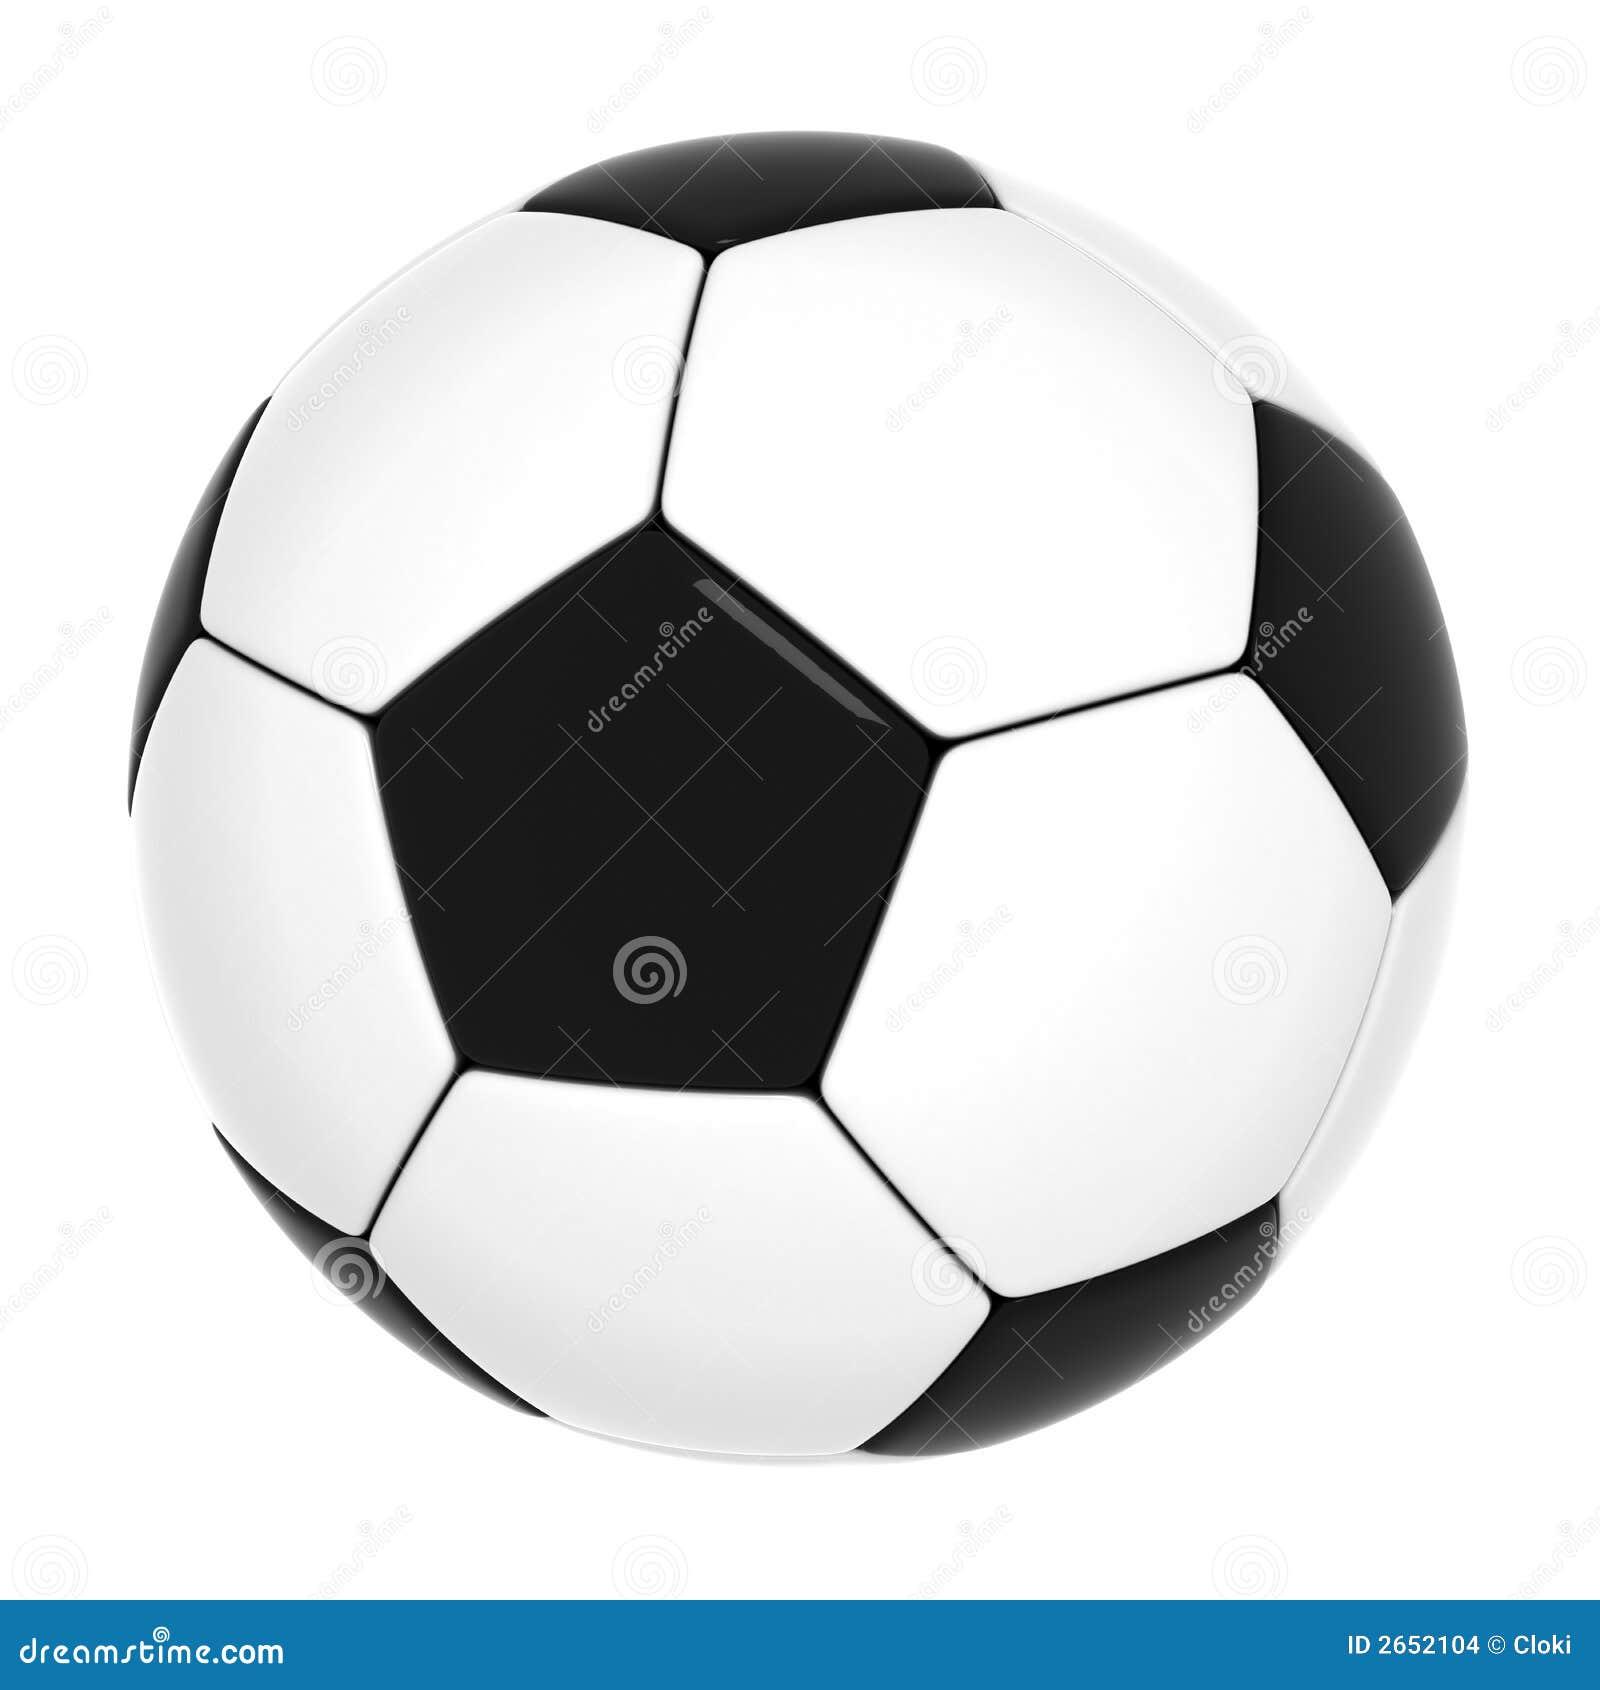 Ge soleerdeo de bal van het voetbal stock afbeeldingen afbeelding 2652104 - Sterke witte werpen en de bal ...